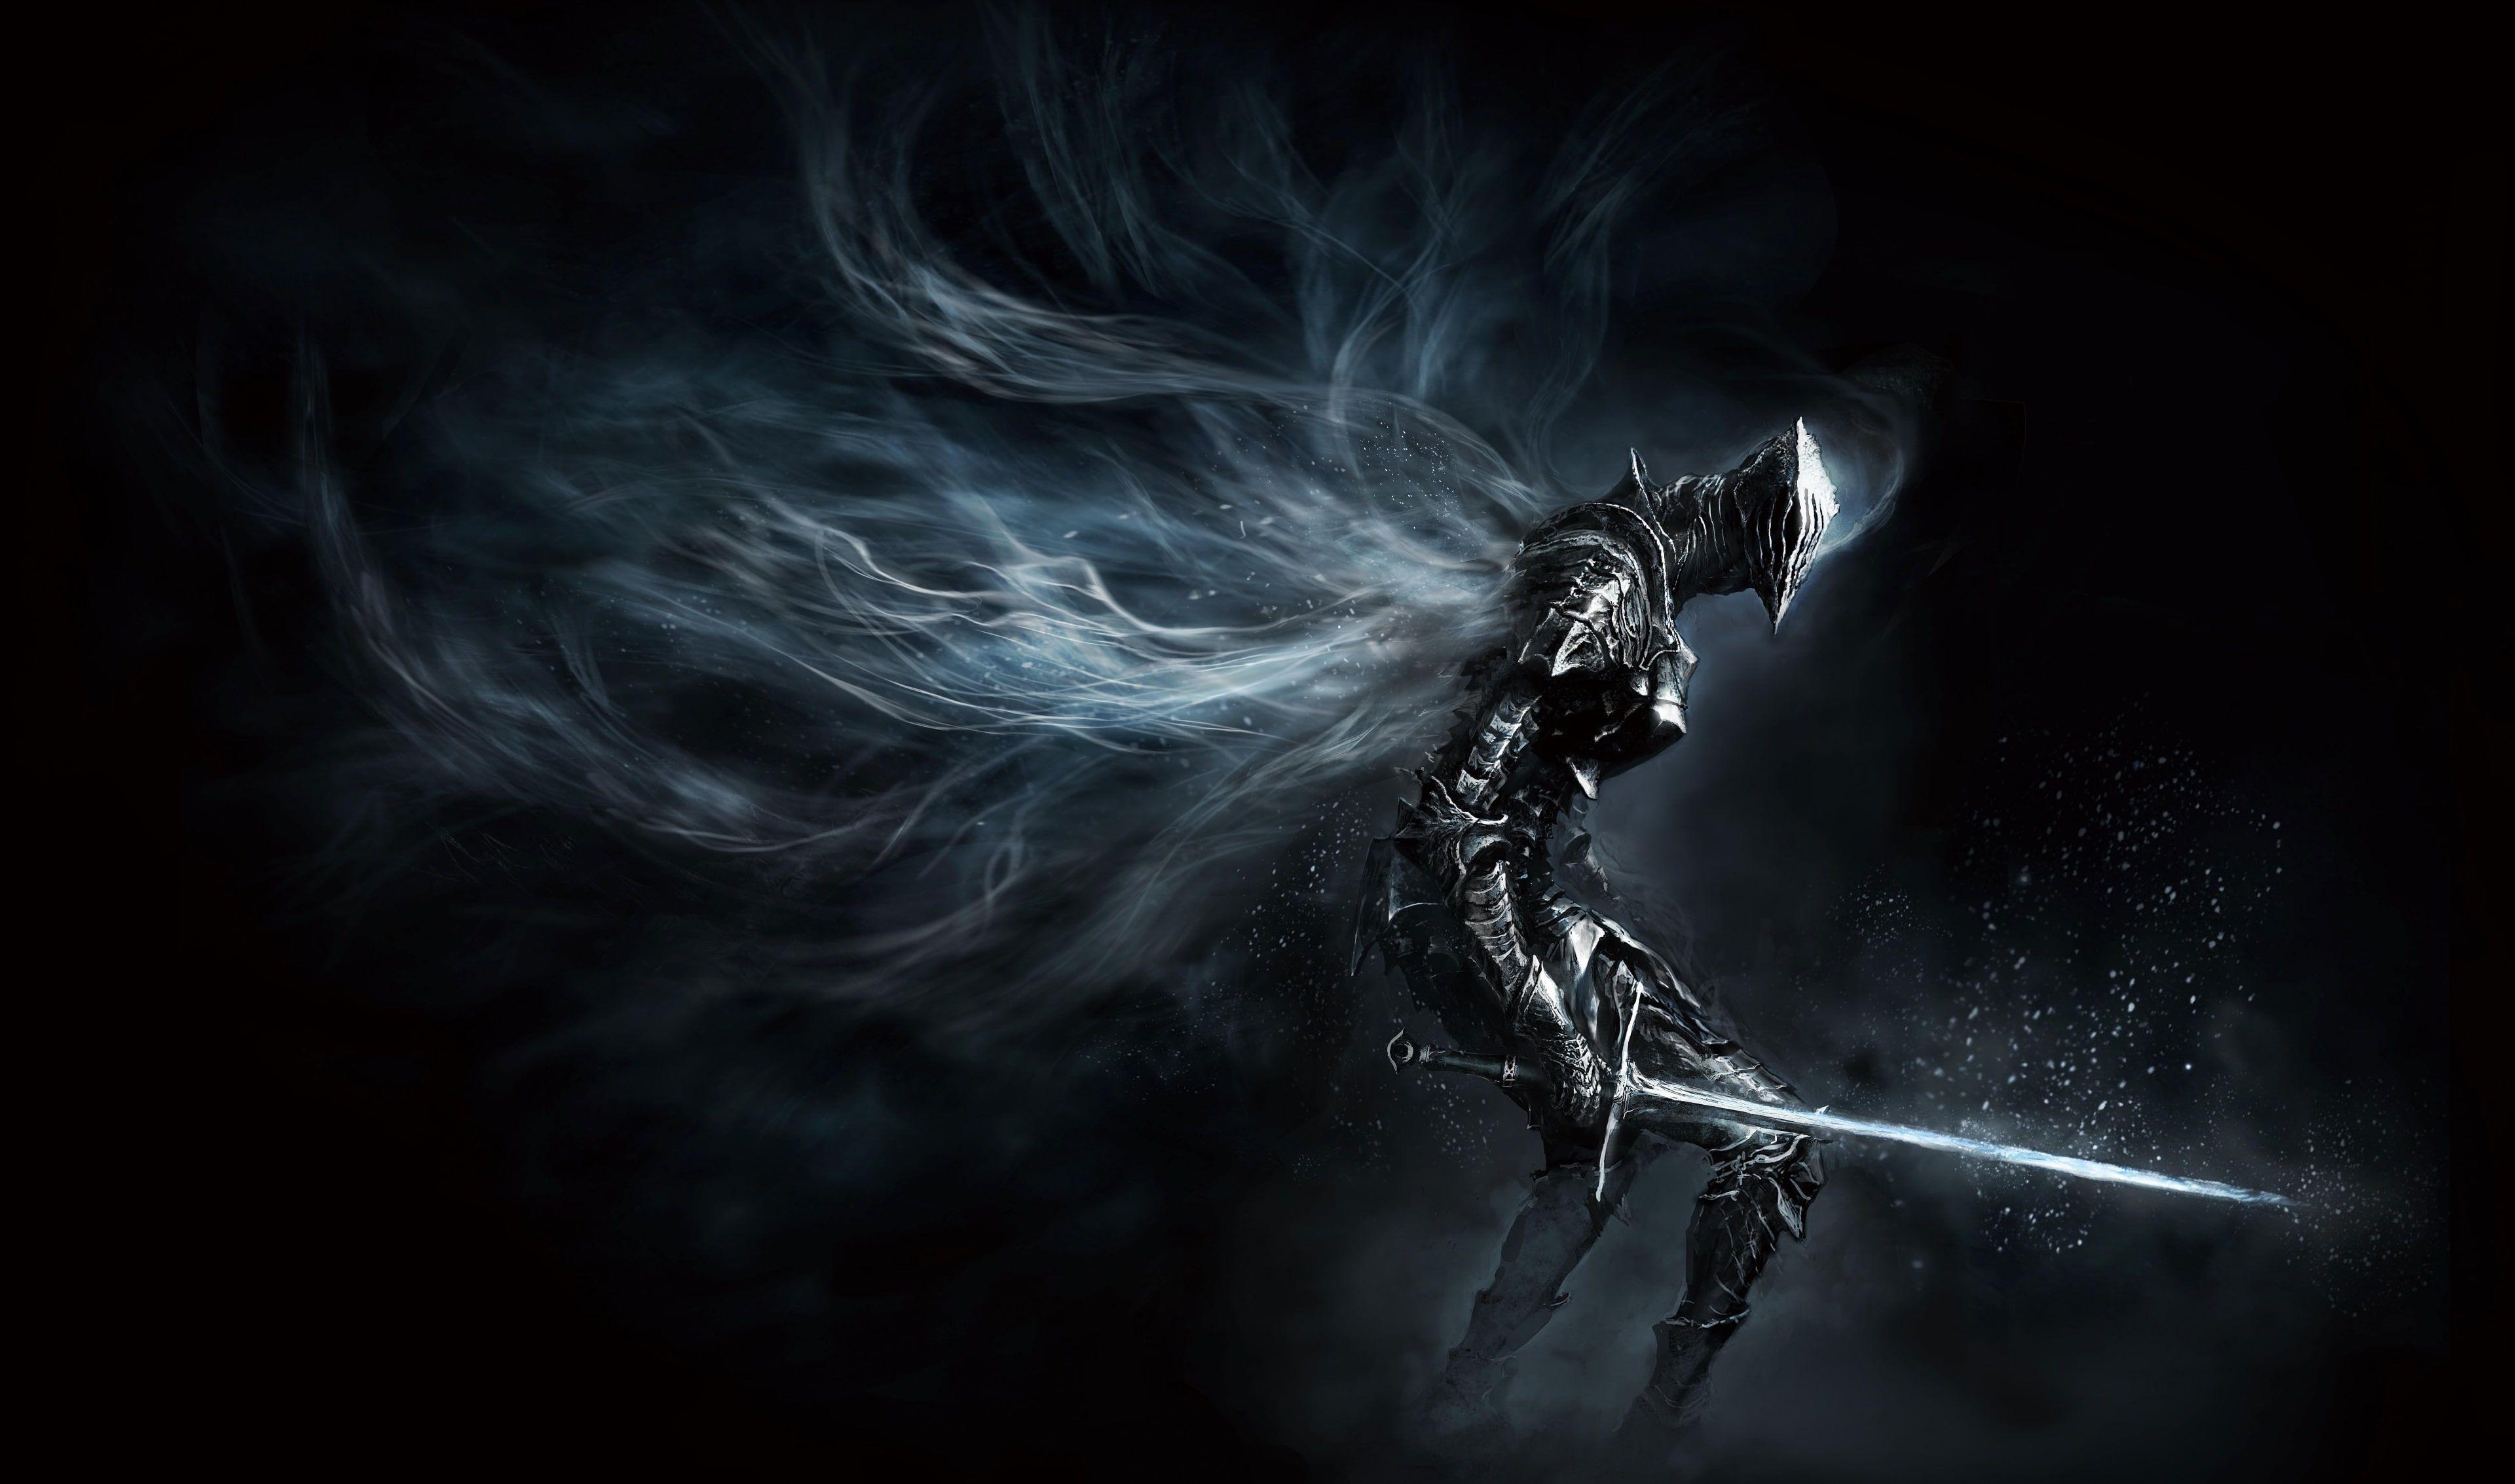 Black Knight 4k Pc 4k Wallpaper Hdwallpaper Desktop Dark Souls Hd Dark Wallpapers Dark Wallpaper